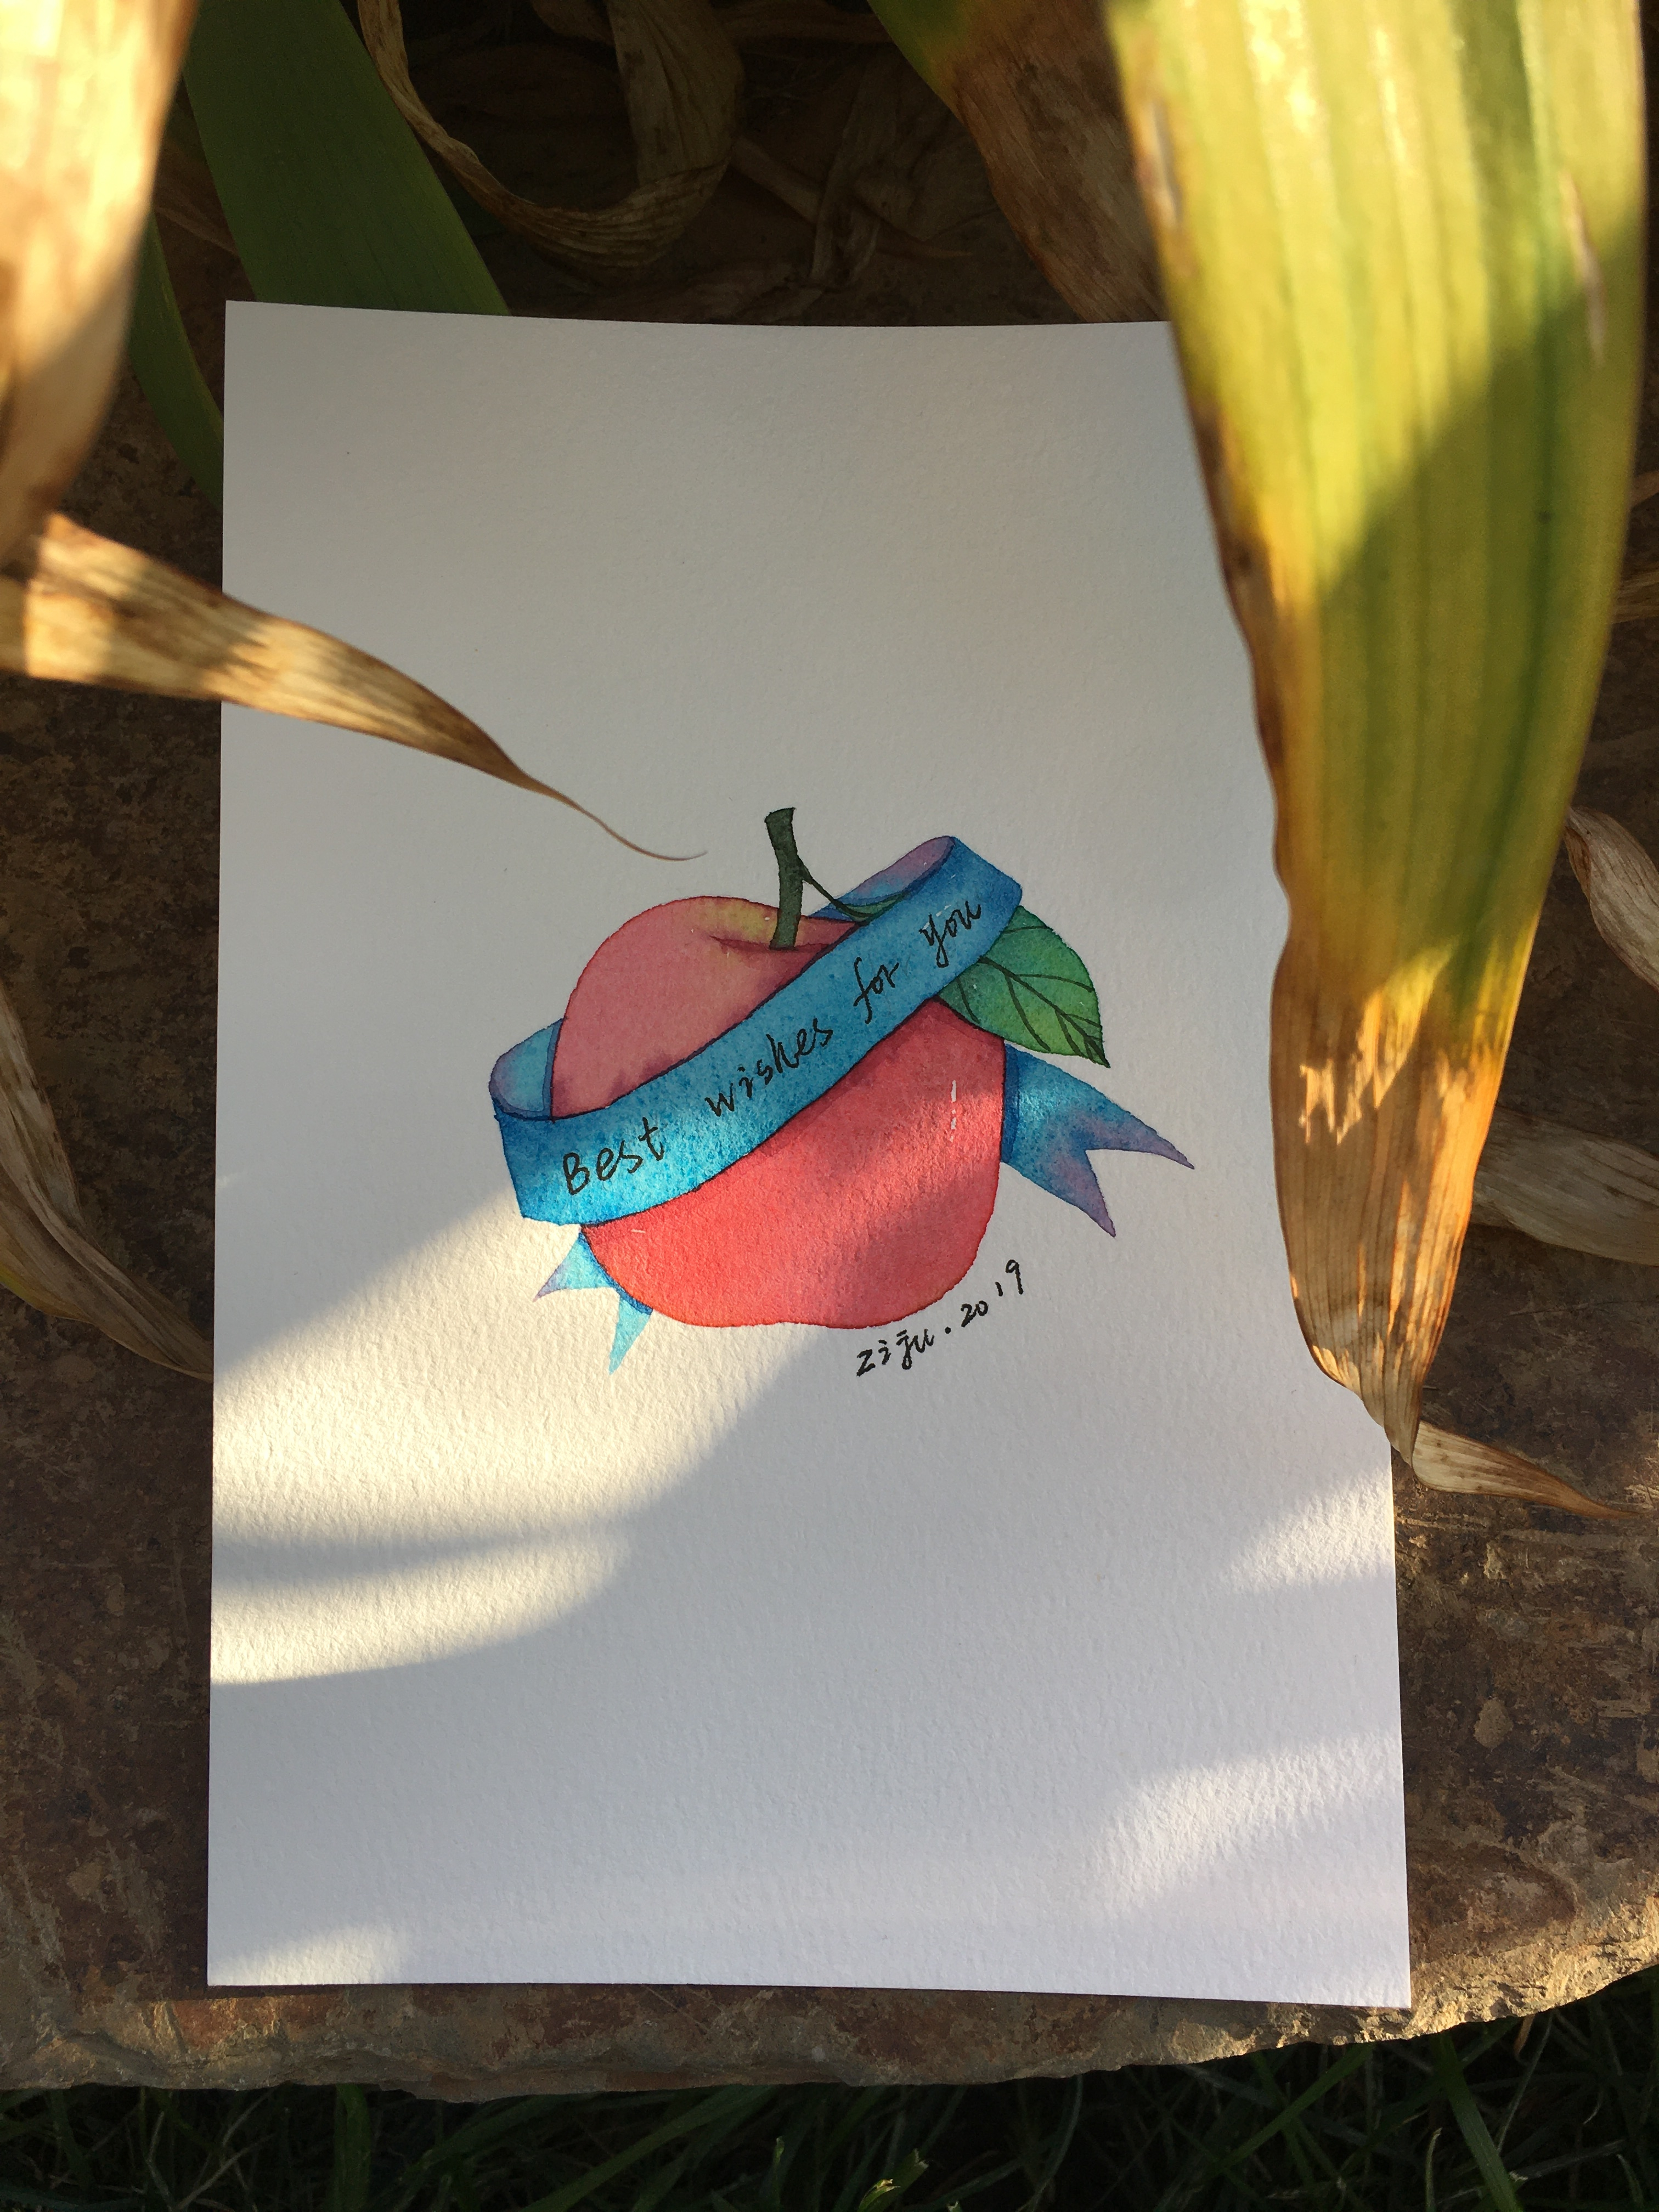 <b>从小白到绘画达人的蜕变,坚持21天就能画出漂亮的水彩小植物</b>